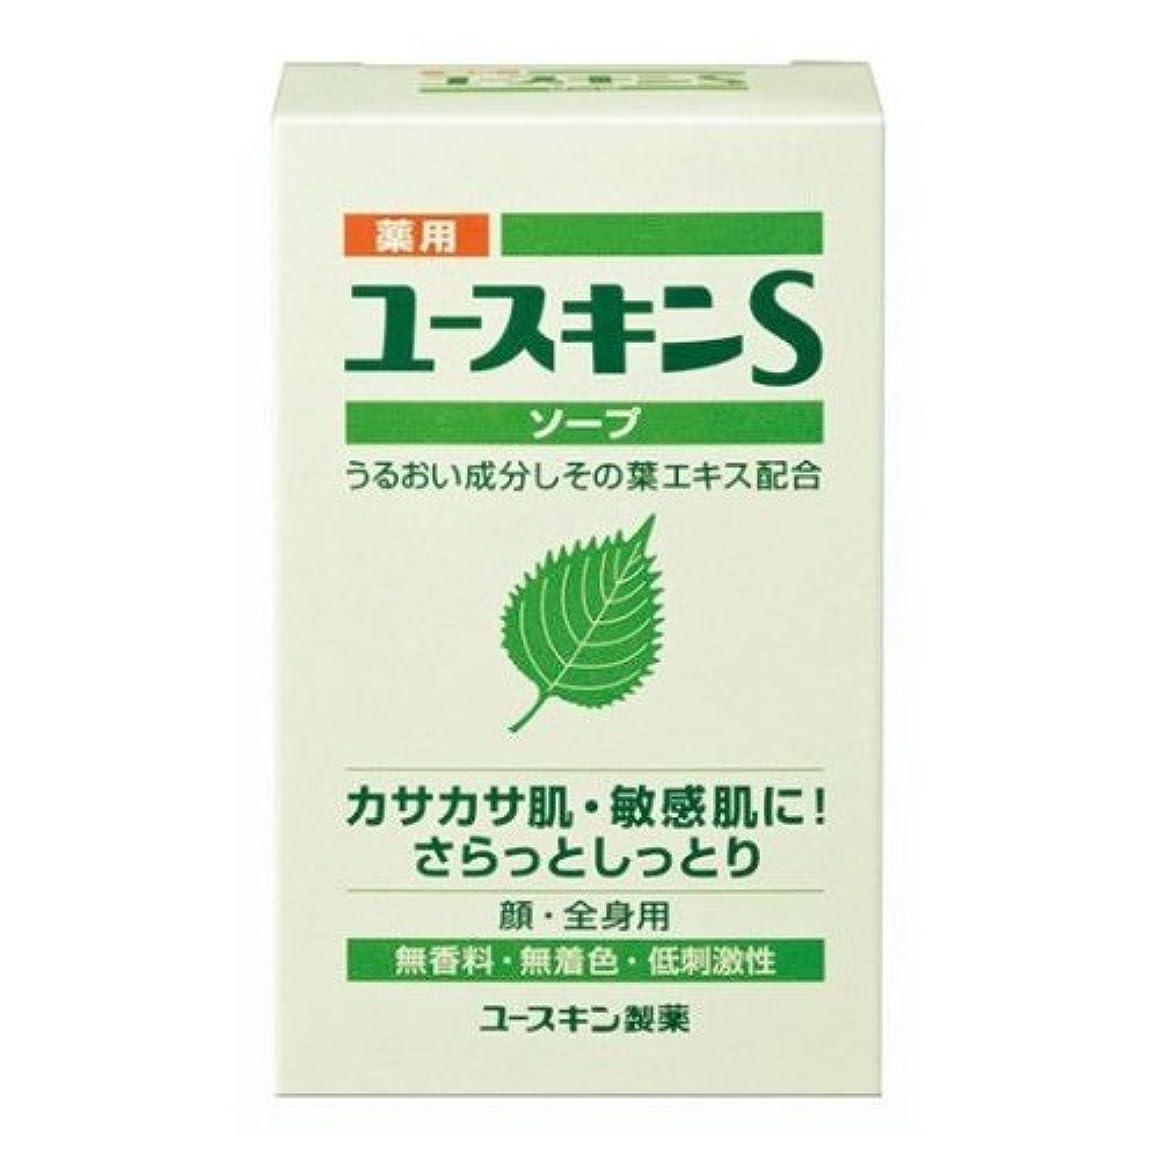 心理学食い違いアミューズメント薬用ユースキンS ソープ 90g (敏感肌用 透明石鹸) 【医薬部外品】